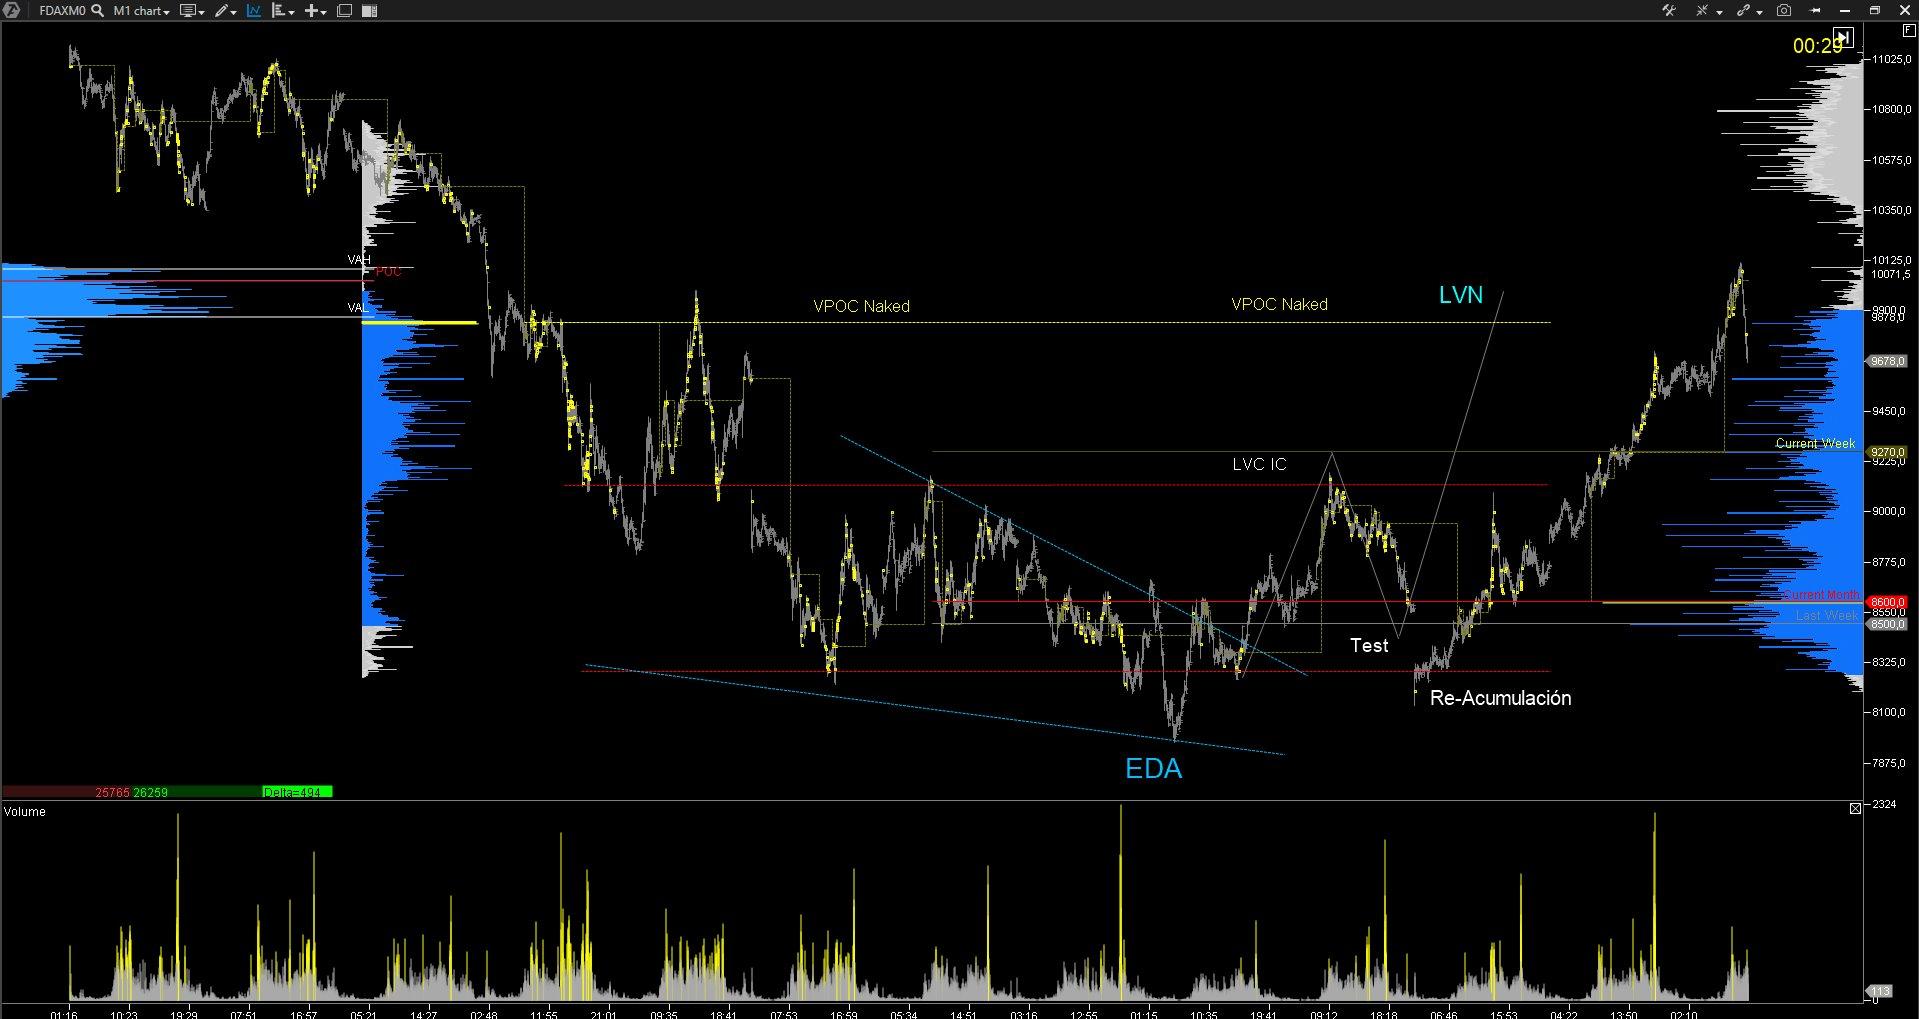 Trading Volatilidad y Liquidez